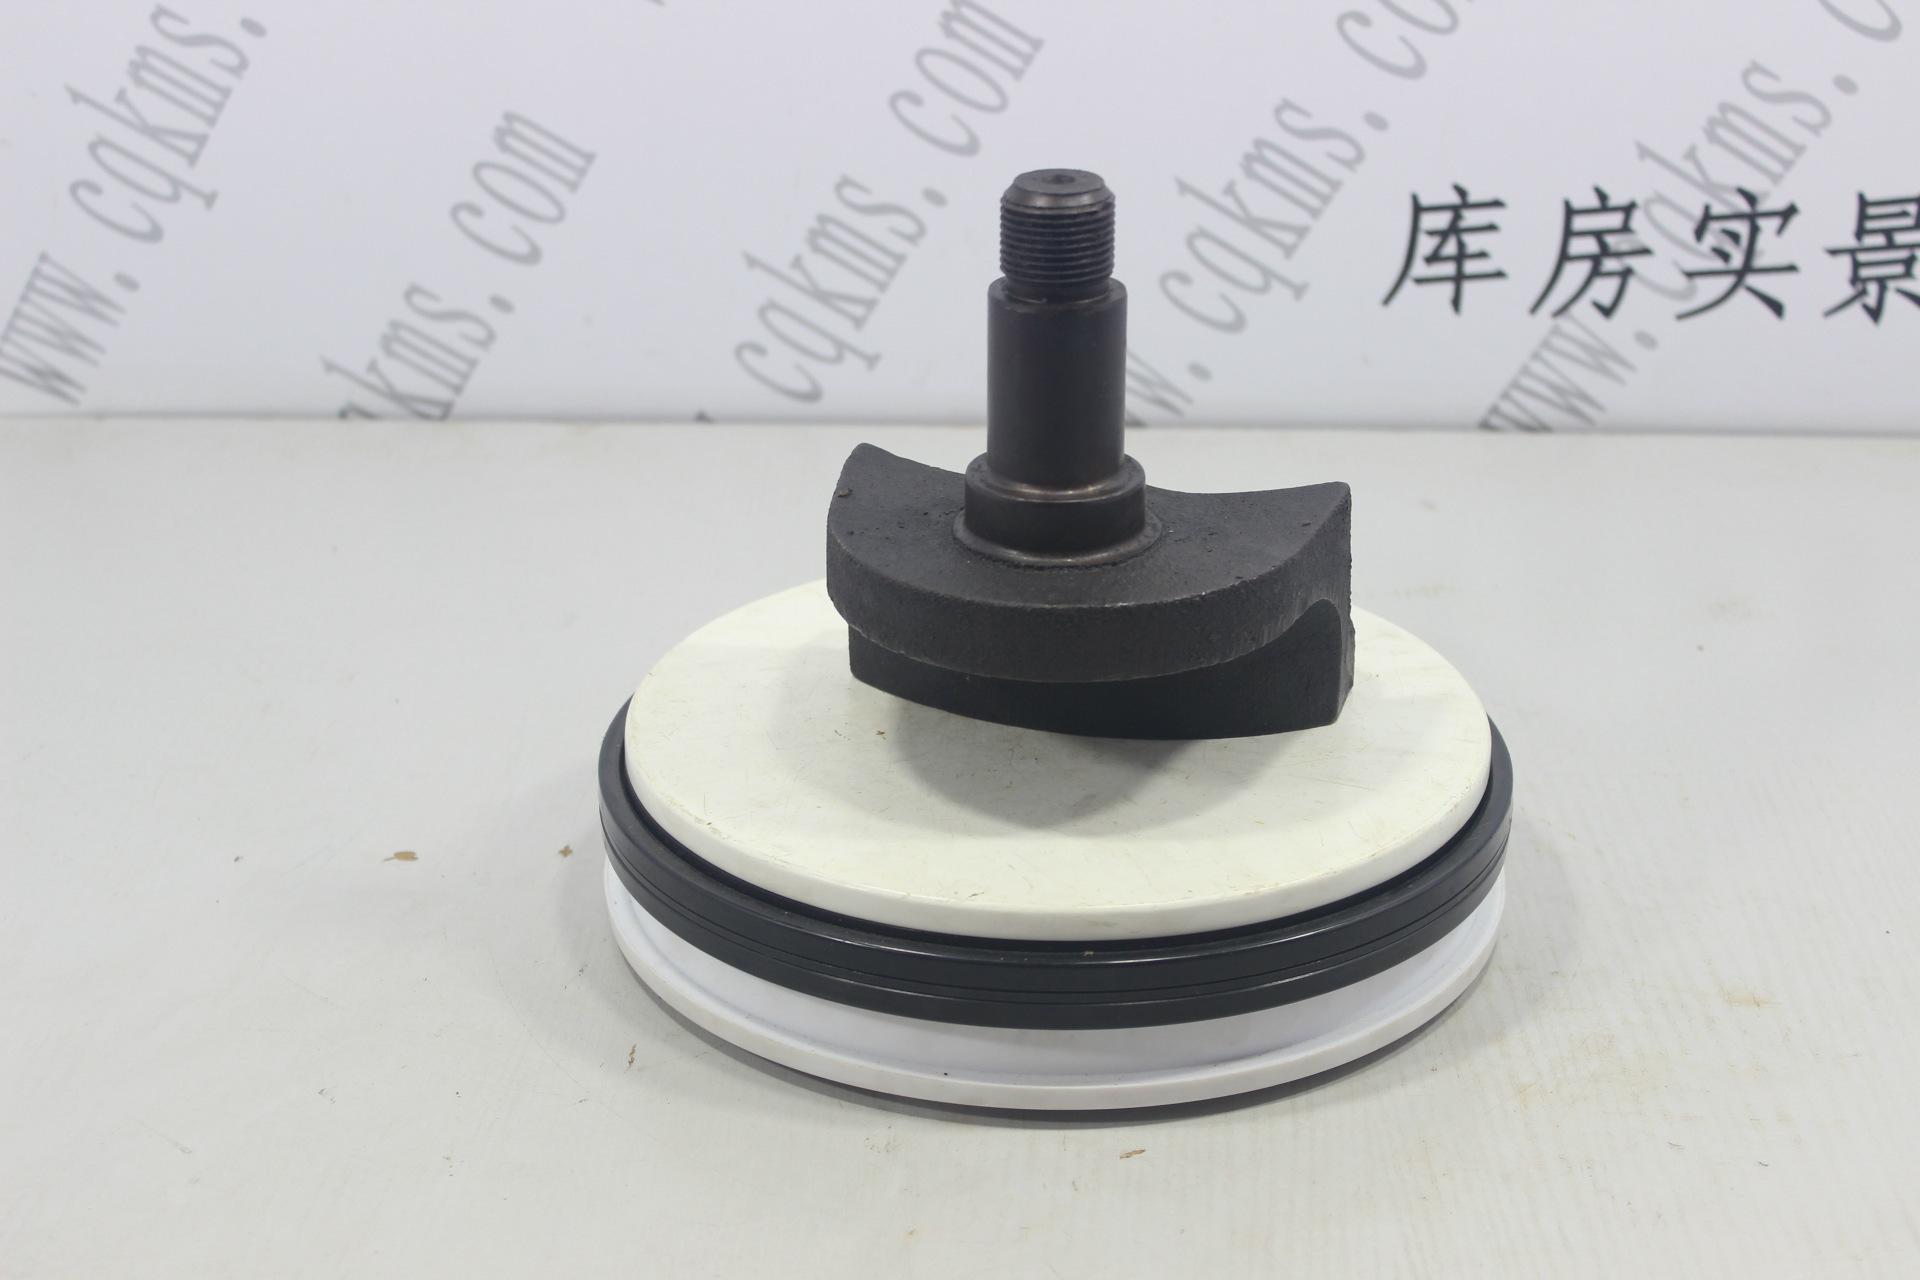 kms01484-3052988-风扇主轴-用于N14康明斯发动机-N14-参考规格高17*长19CM-参考重量4.2-4.2图片3